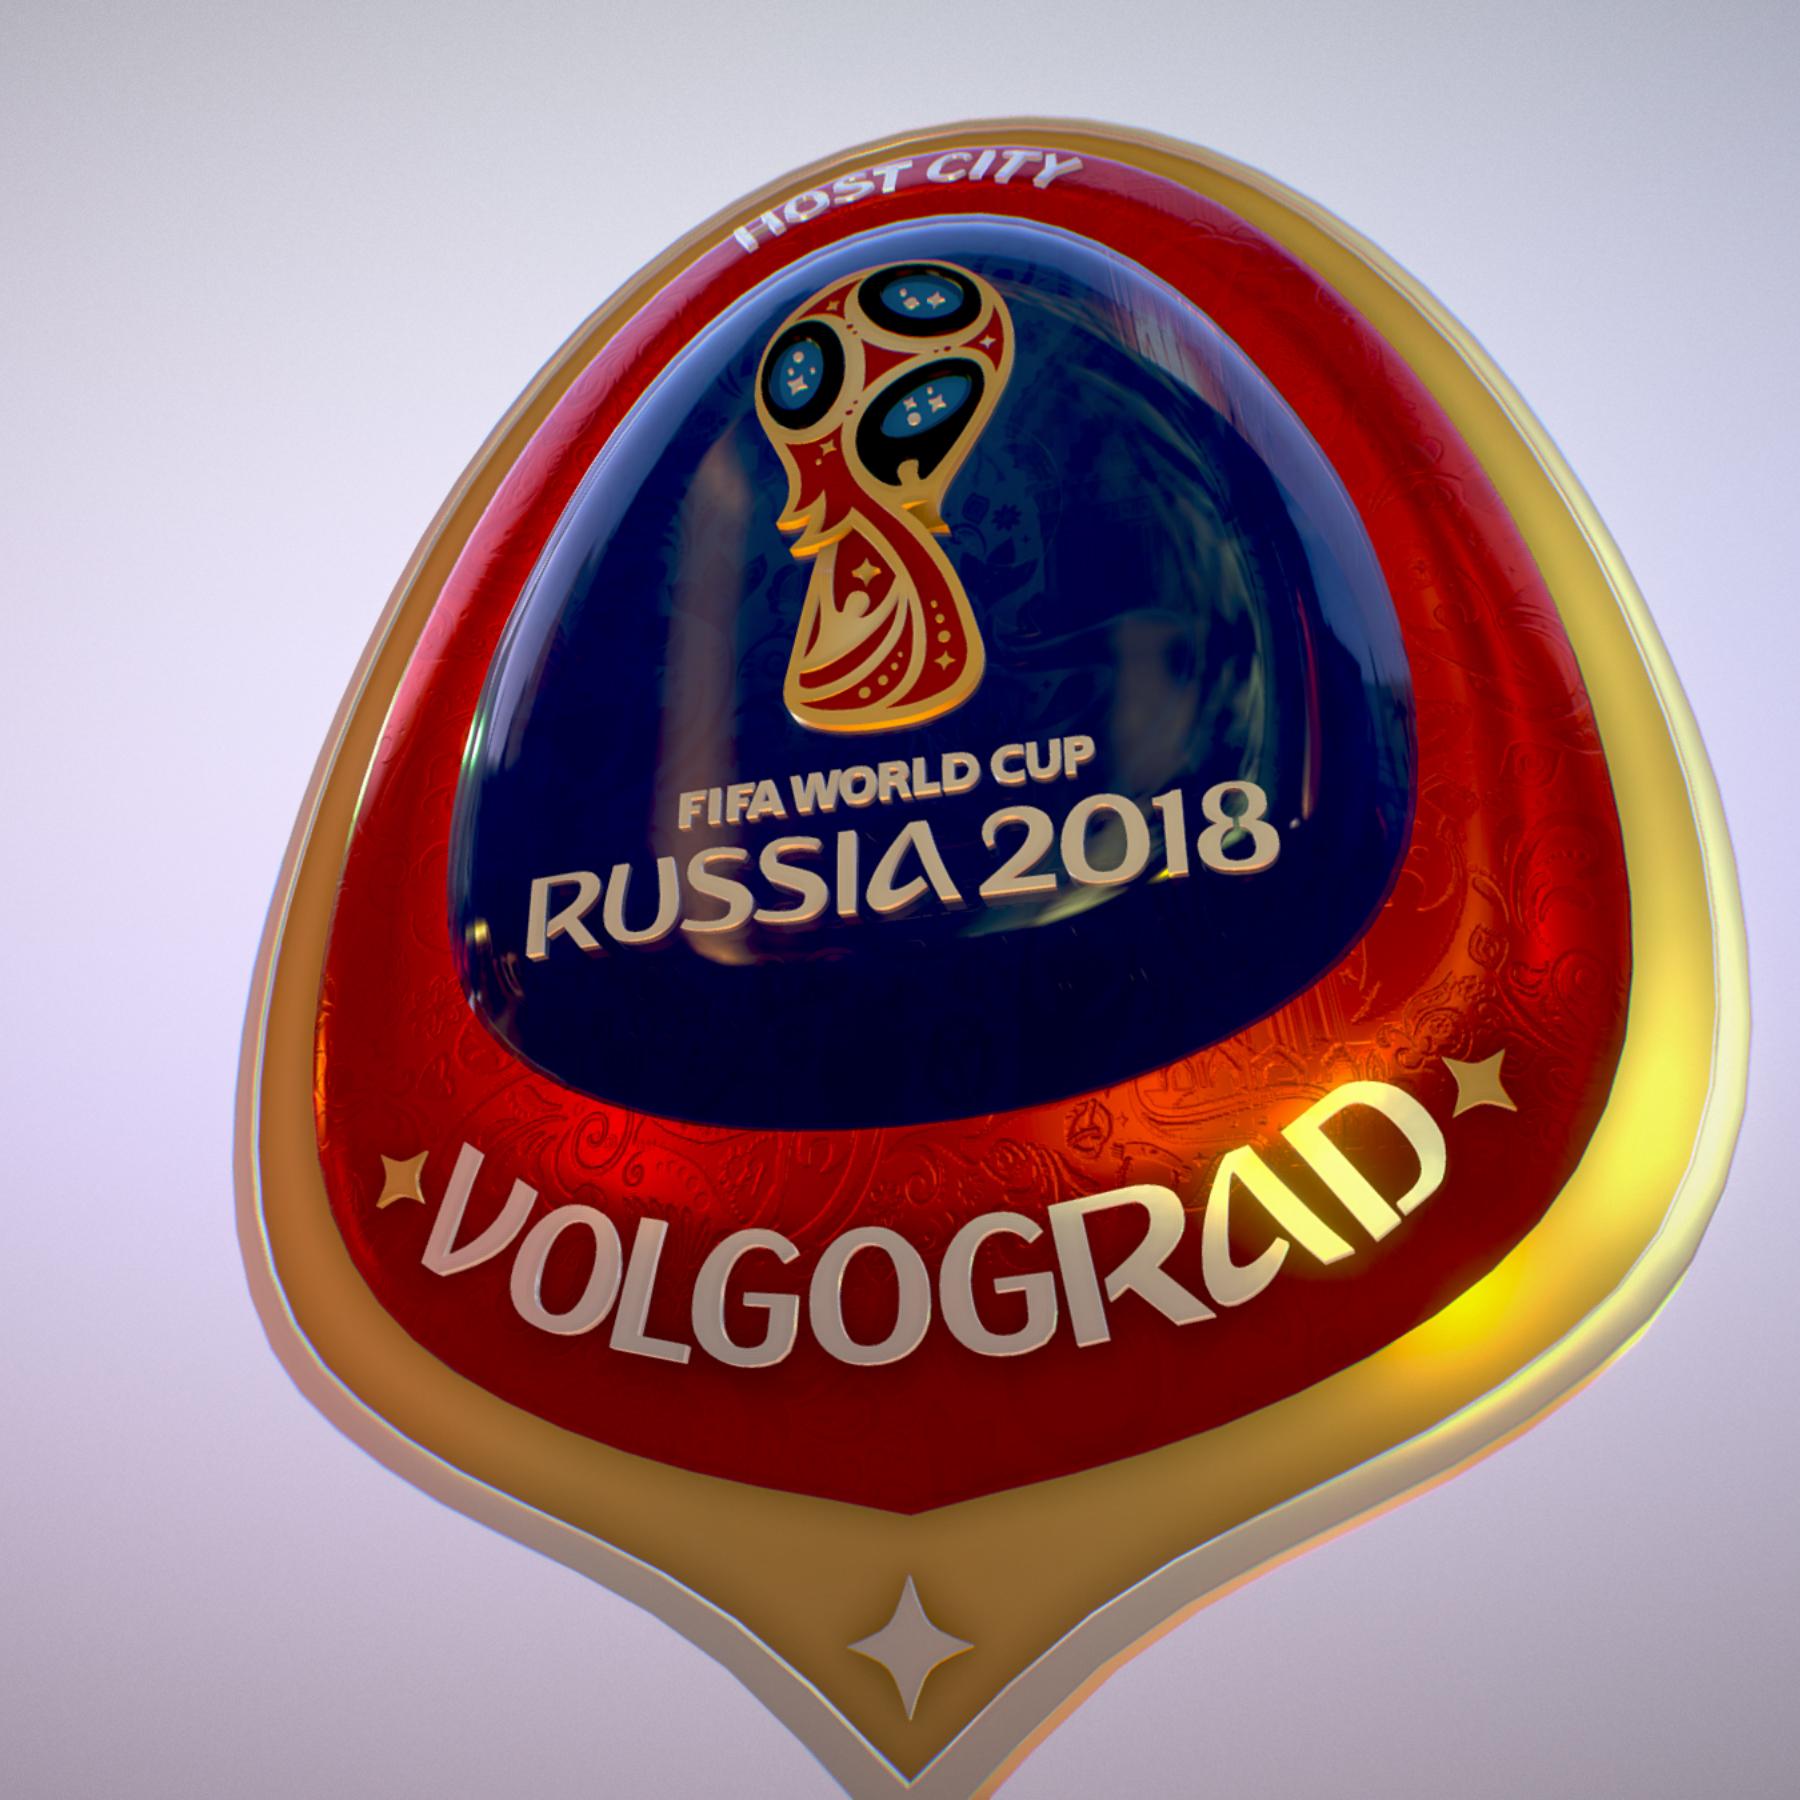 volgograd host city world cup russia 2018 symbol 3d model max  fbx jpeg jpg ma mb obj 271860